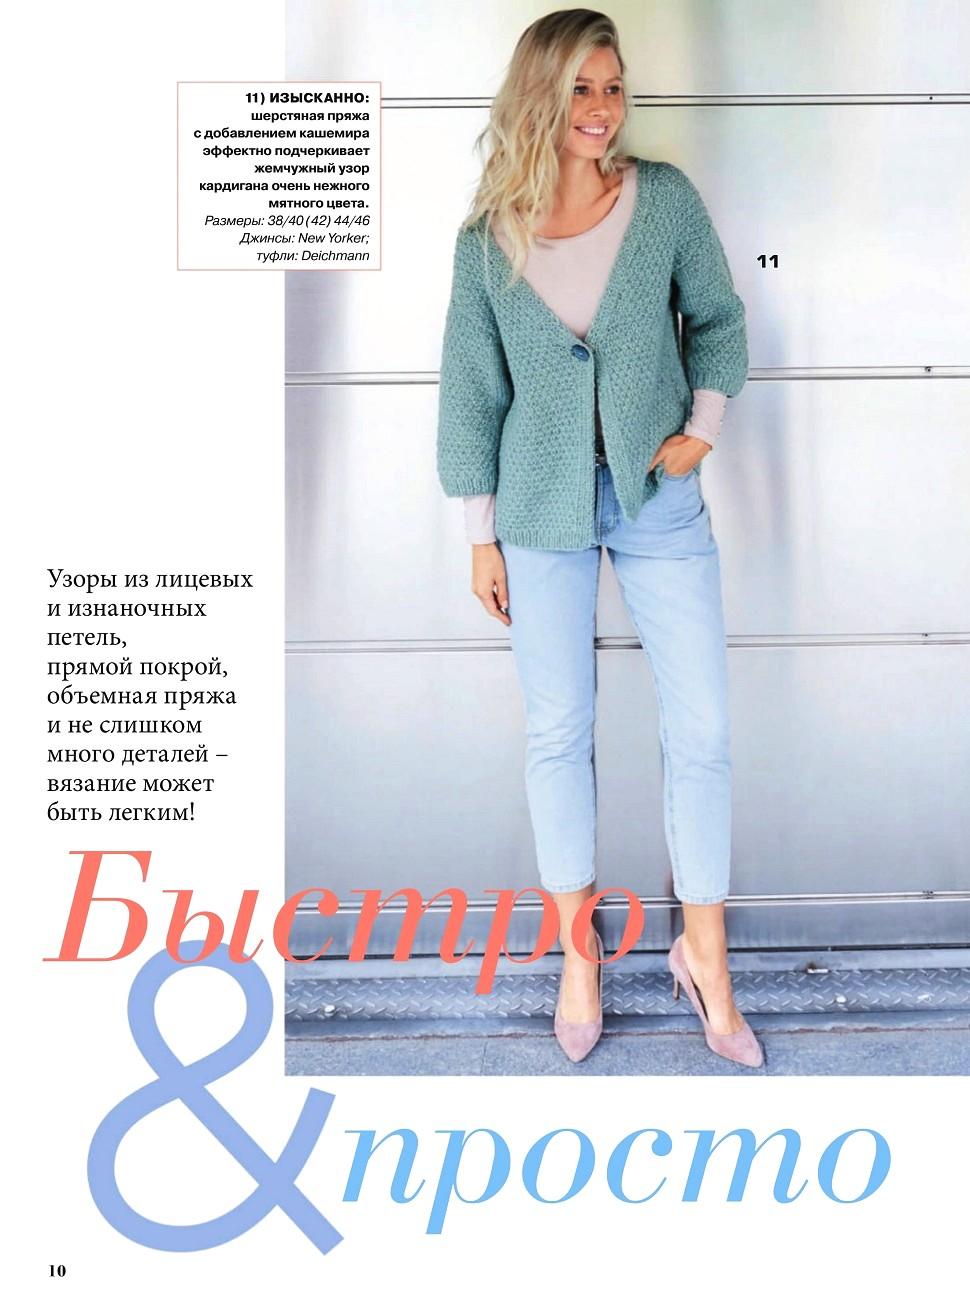 zhurnal-po-vyazaniyu-sabrina-1-2019-8